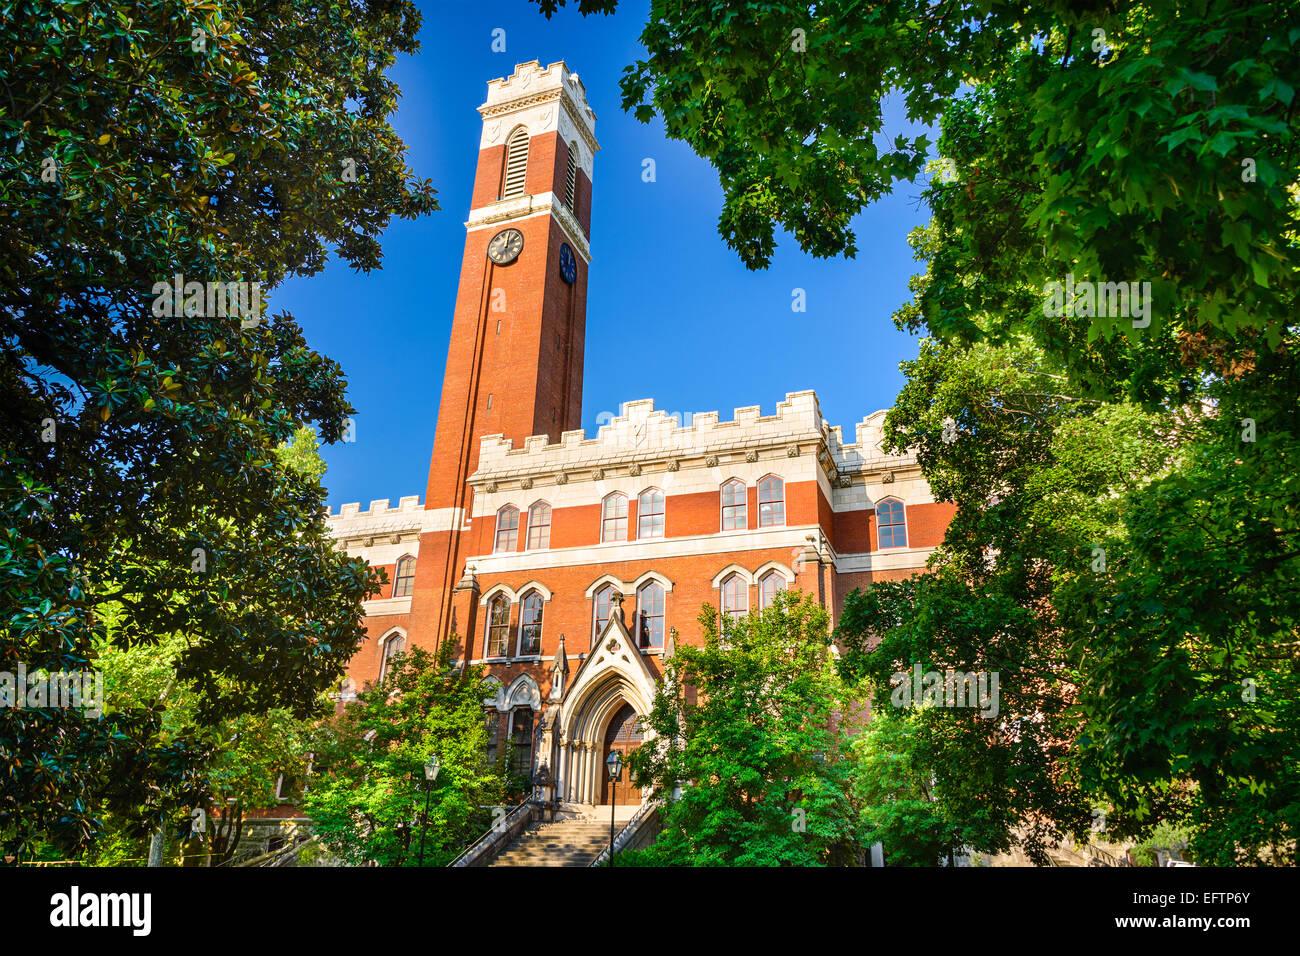 El campus de la Universidad de Vanderbilt en Nashville, Tennessee. Imagen De Stock